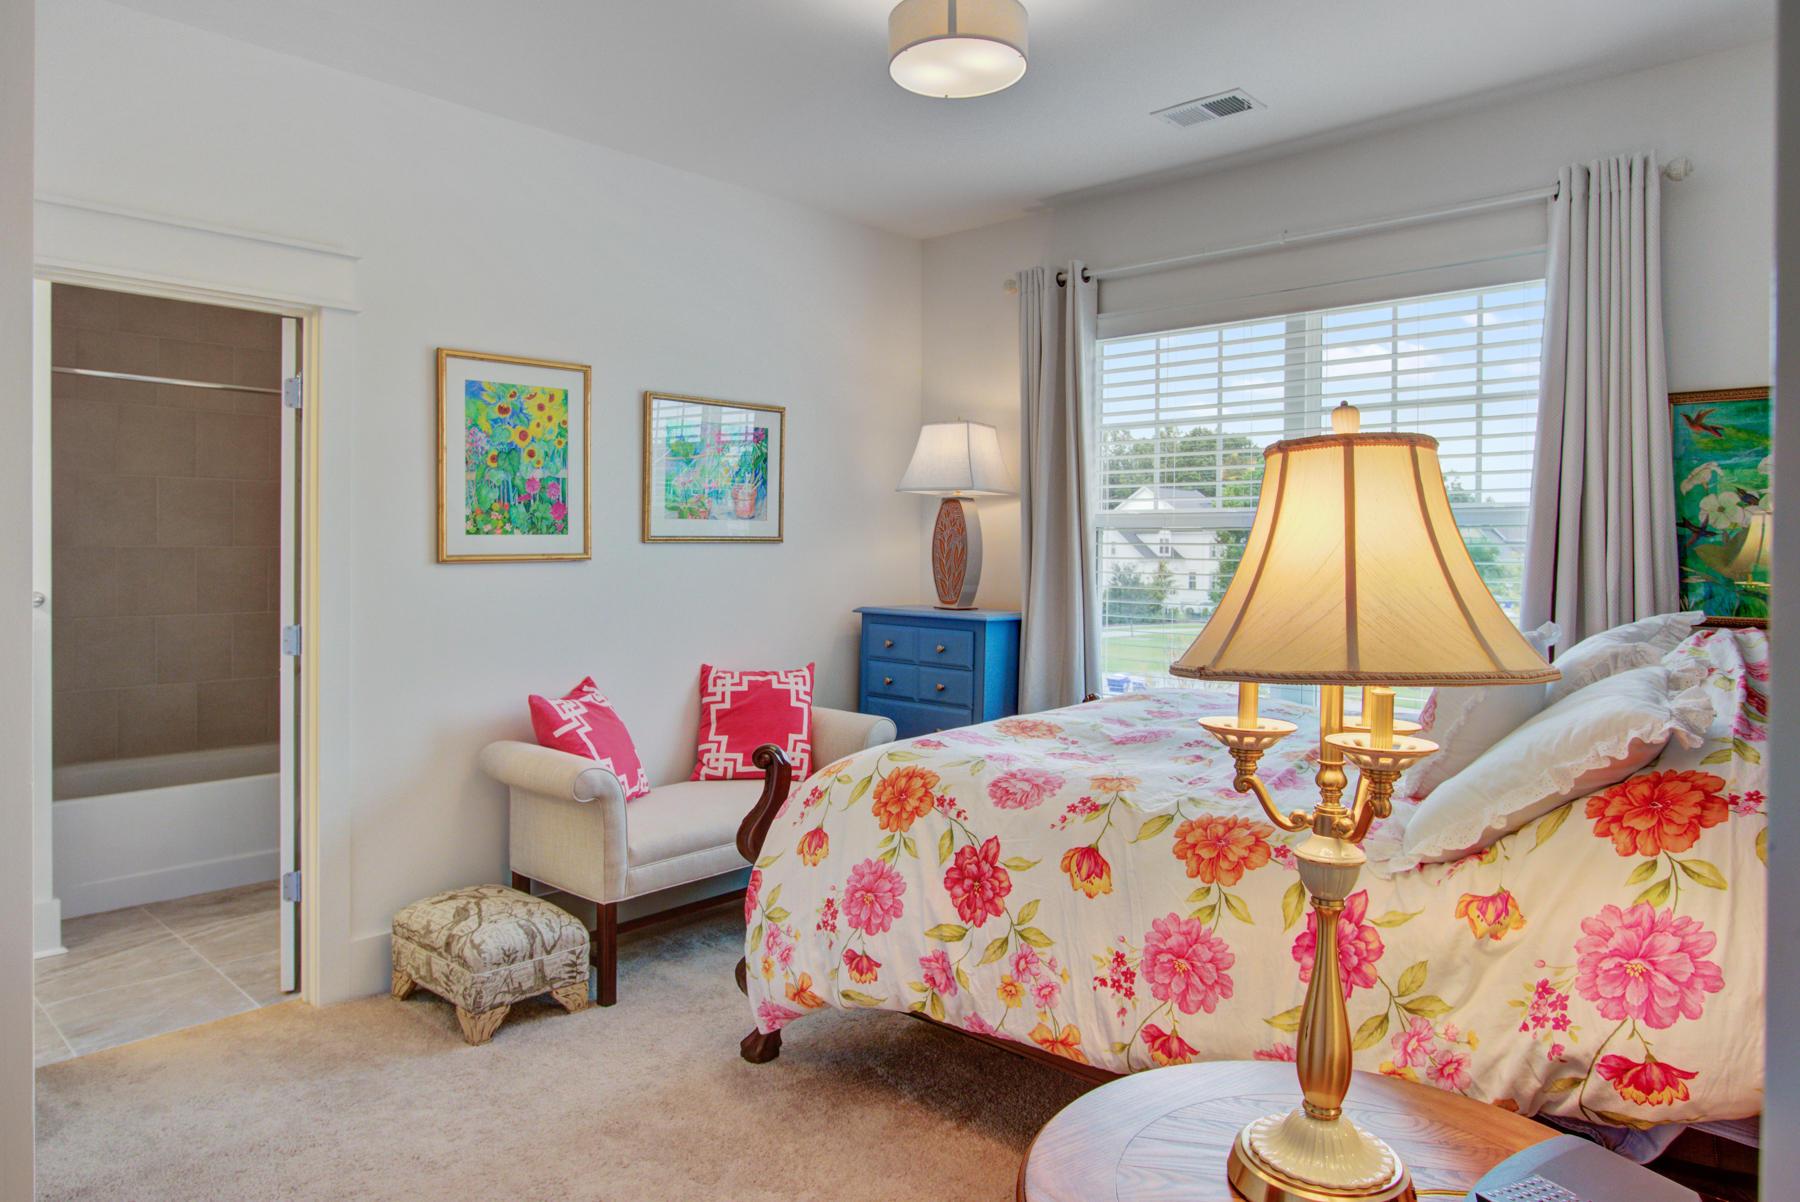 Dunes West Homes For Sale - 2984 Yachtsman, Mount Pleasant, SC - 38